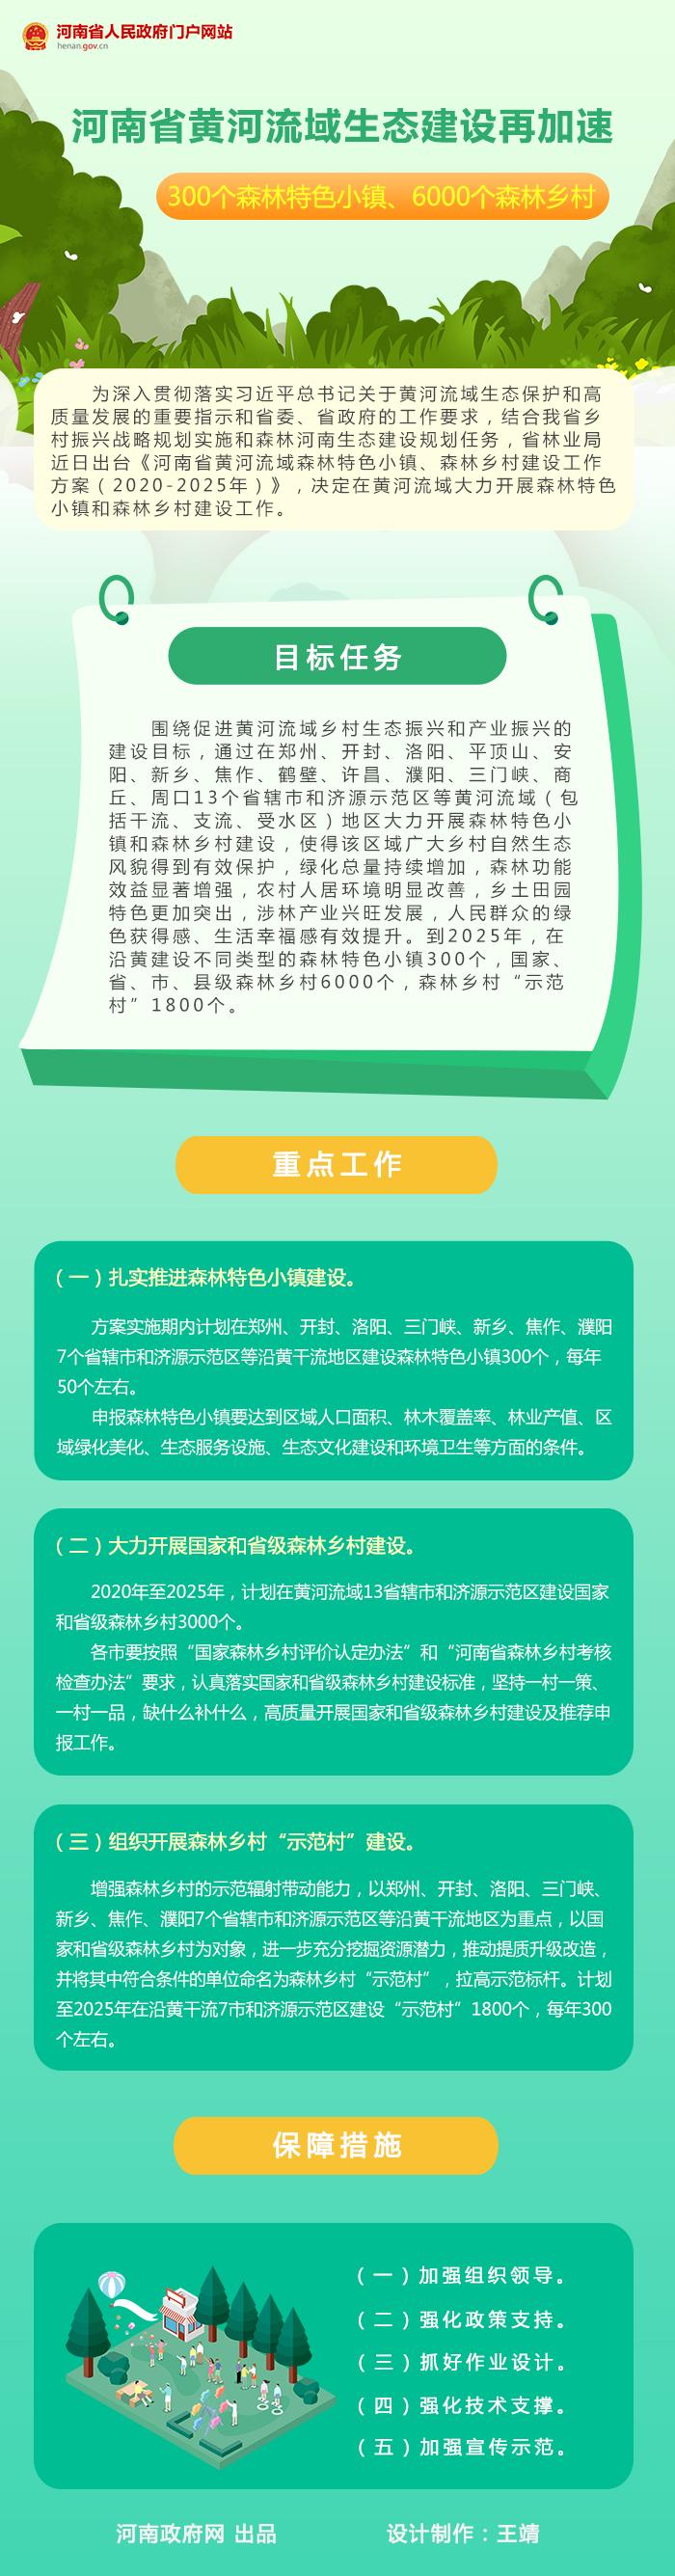 图解:河南省黄河流域生态建设再加速 300个森林特色小镇、6000个森林乡村